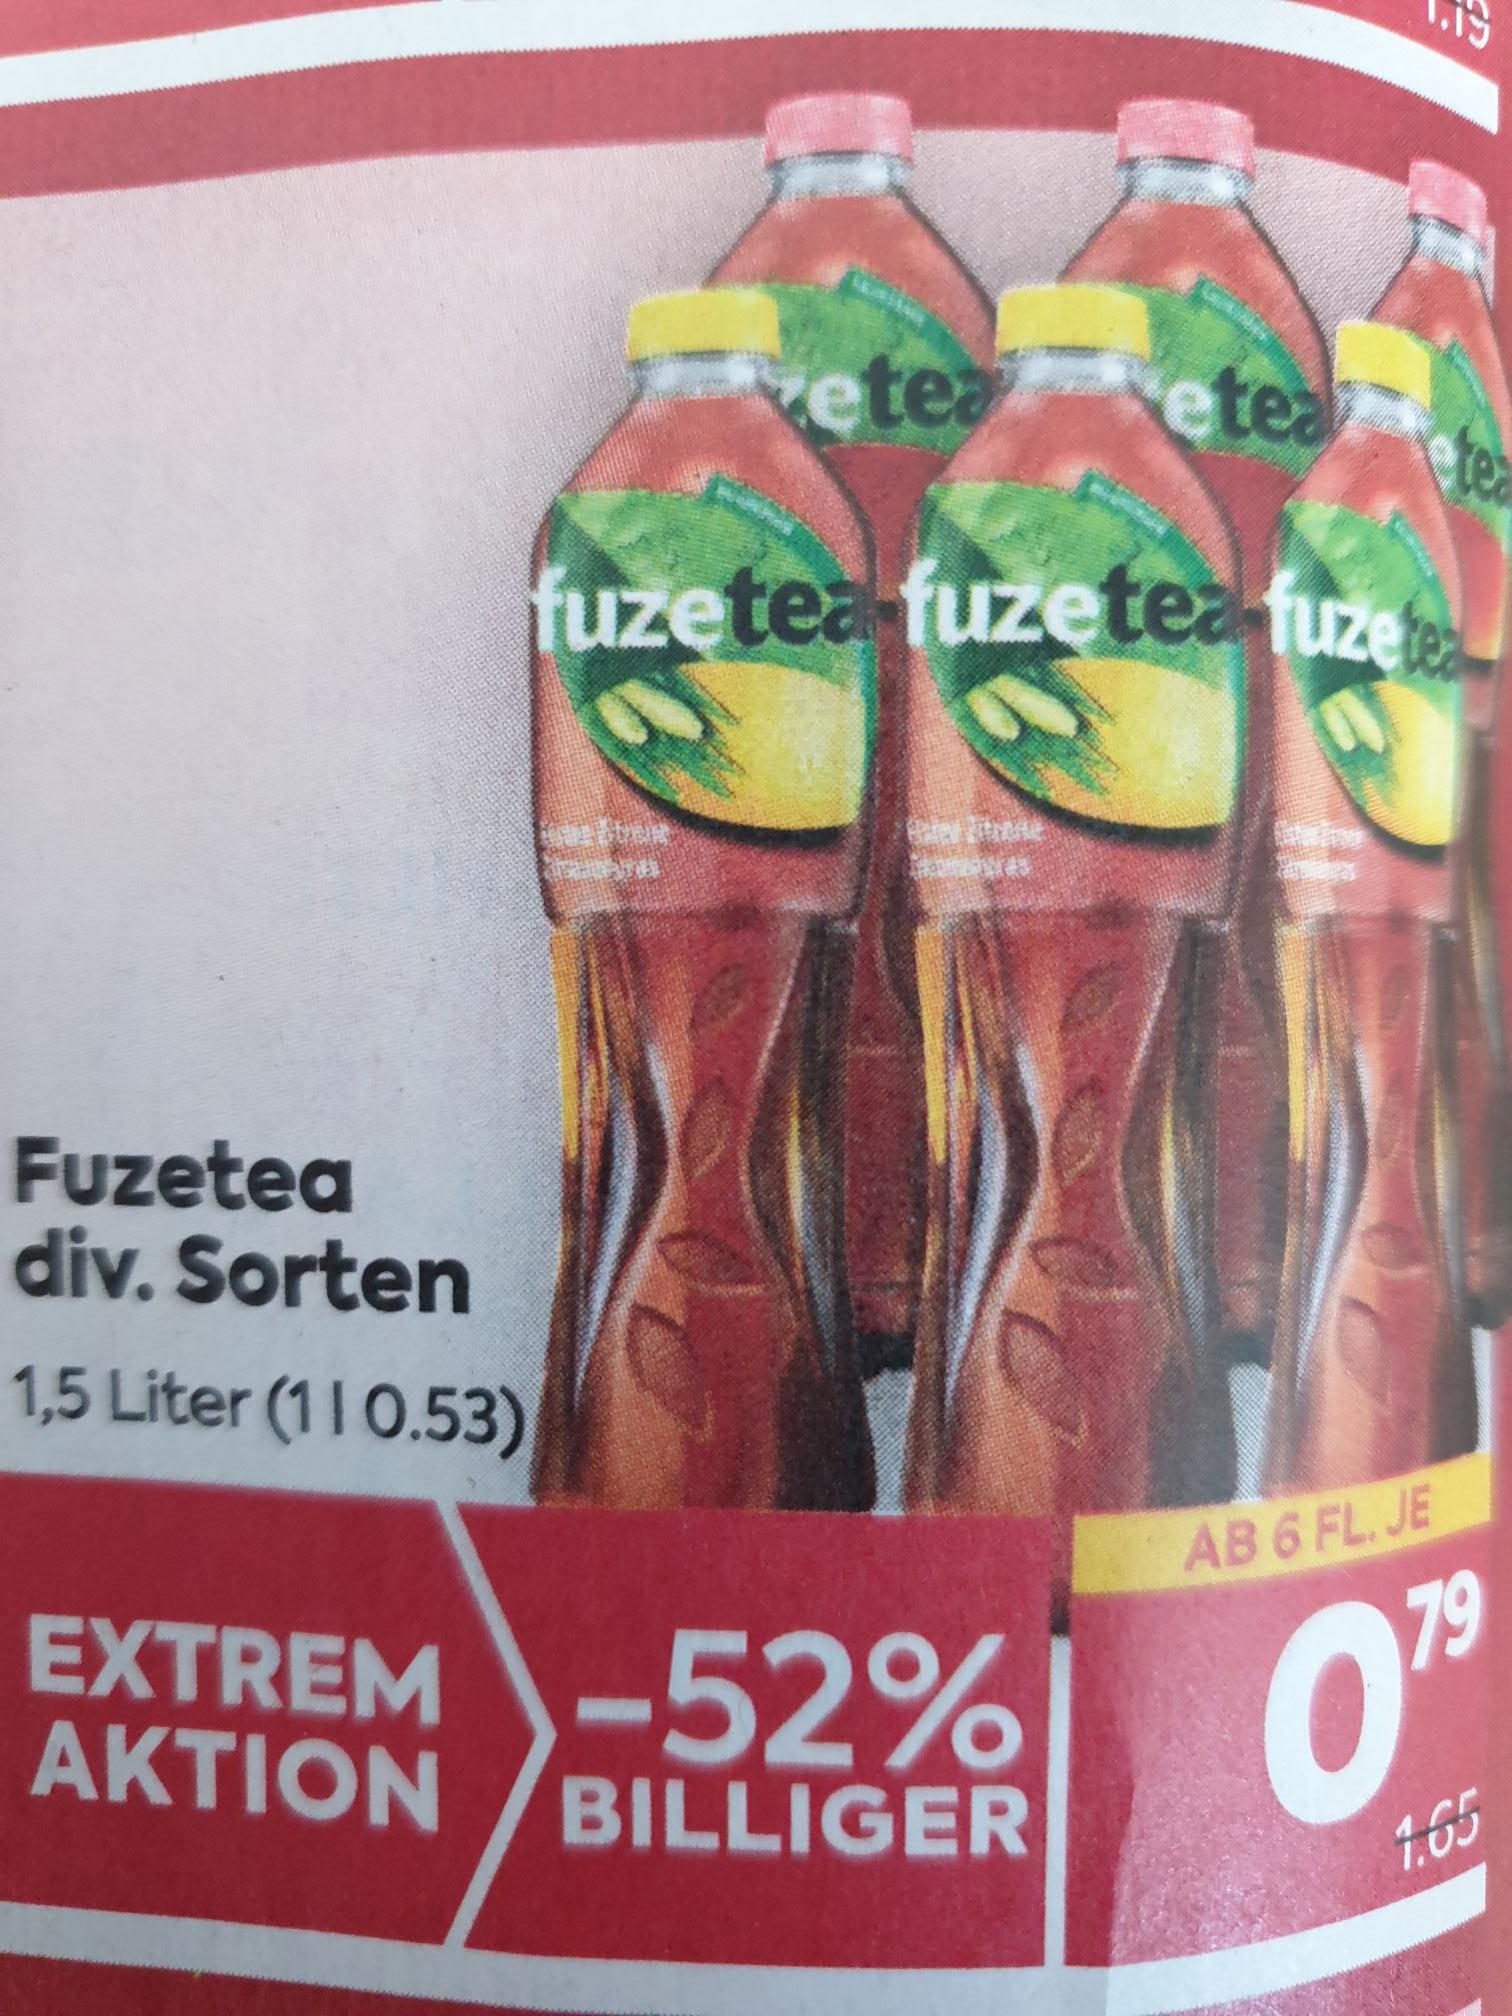 FUZETEA 1.5l um 0.79 € ab 6 Stück 02.06.-09.06.